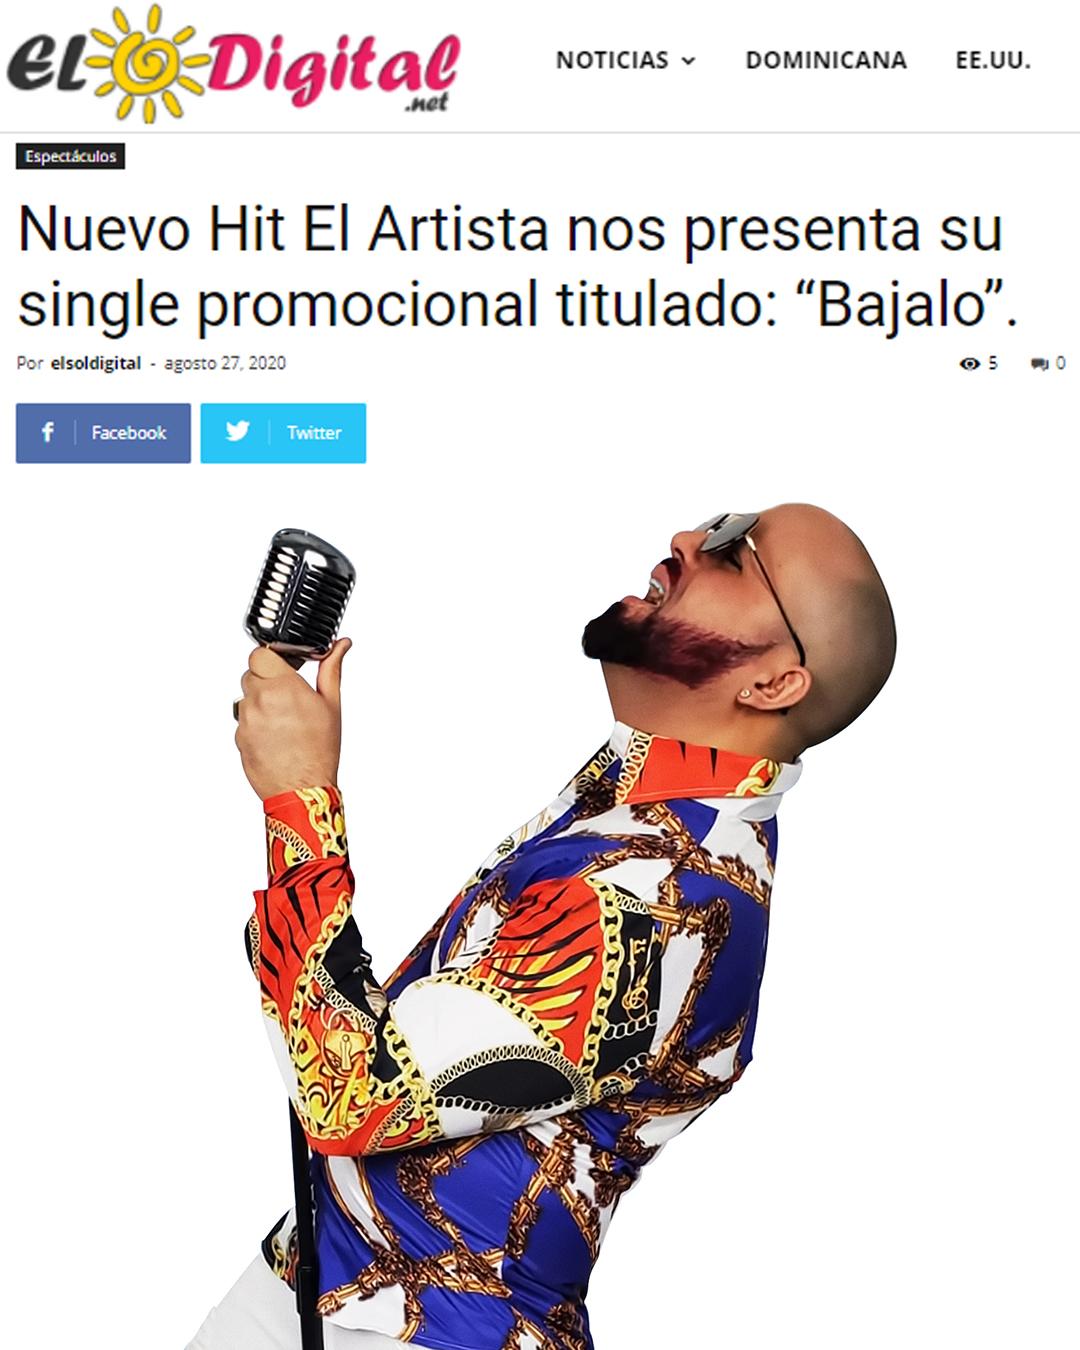 EL SOL DIGITAL